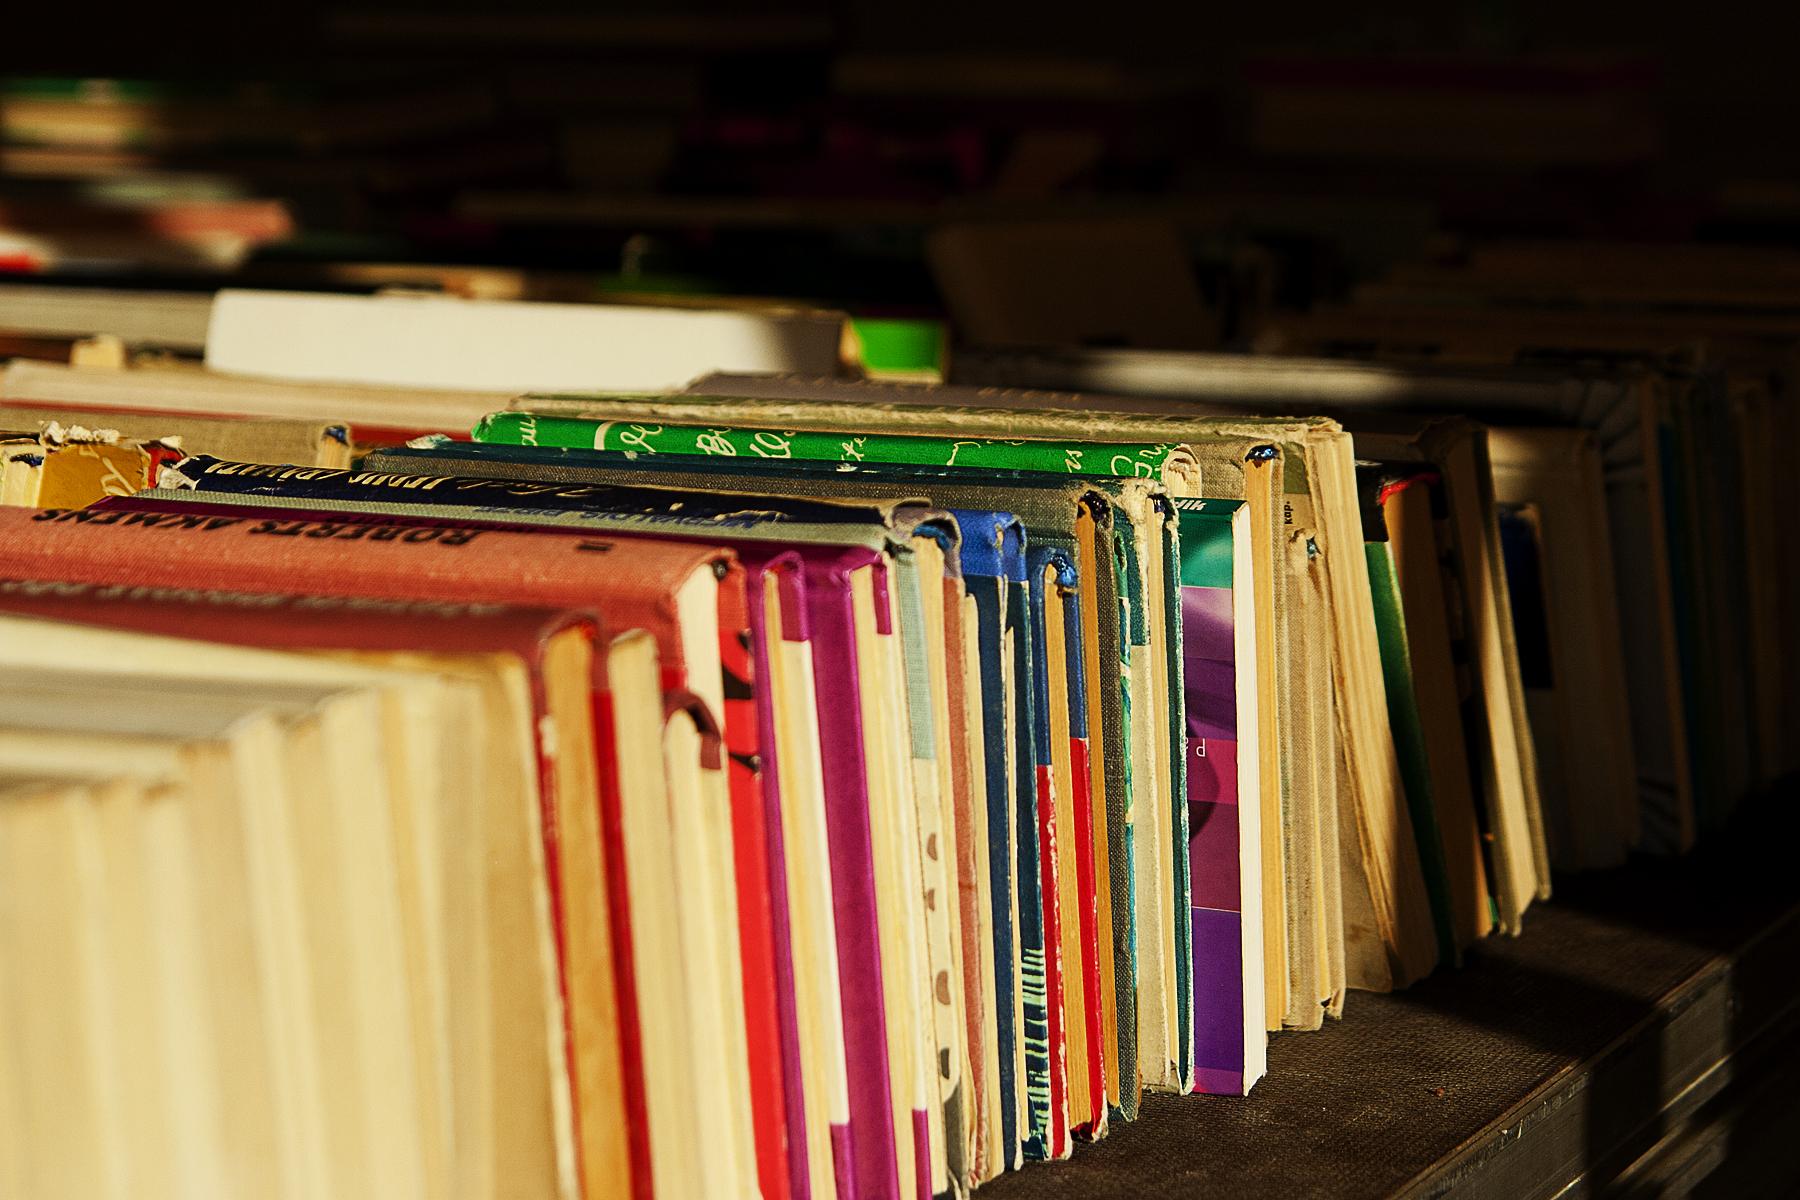 Colorful Books Via @Atisgailis